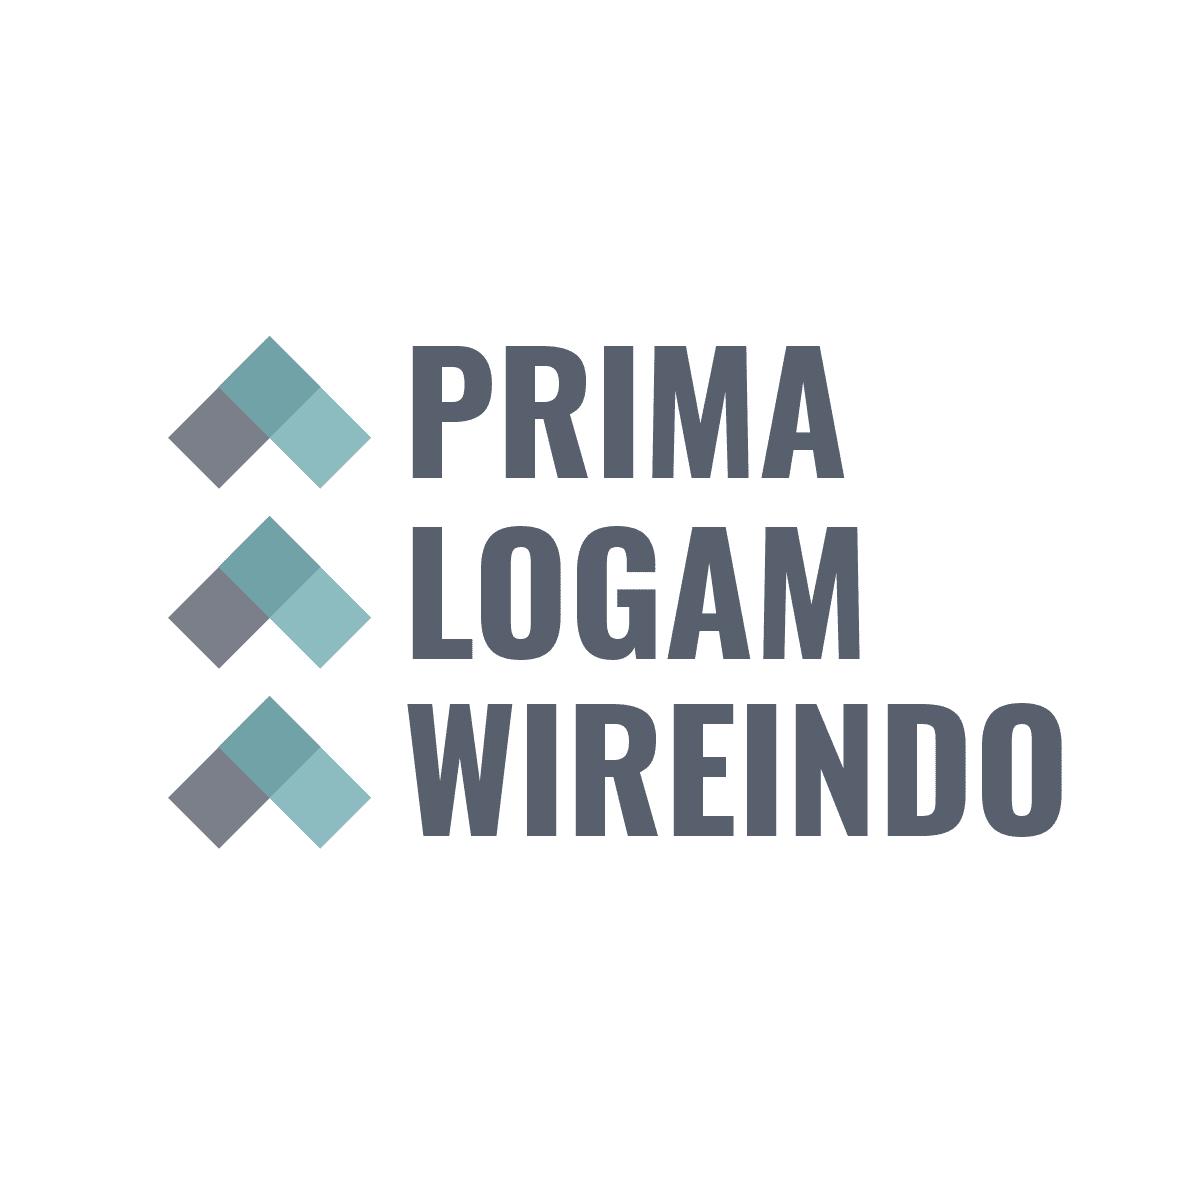 Prima Logam Wireindo